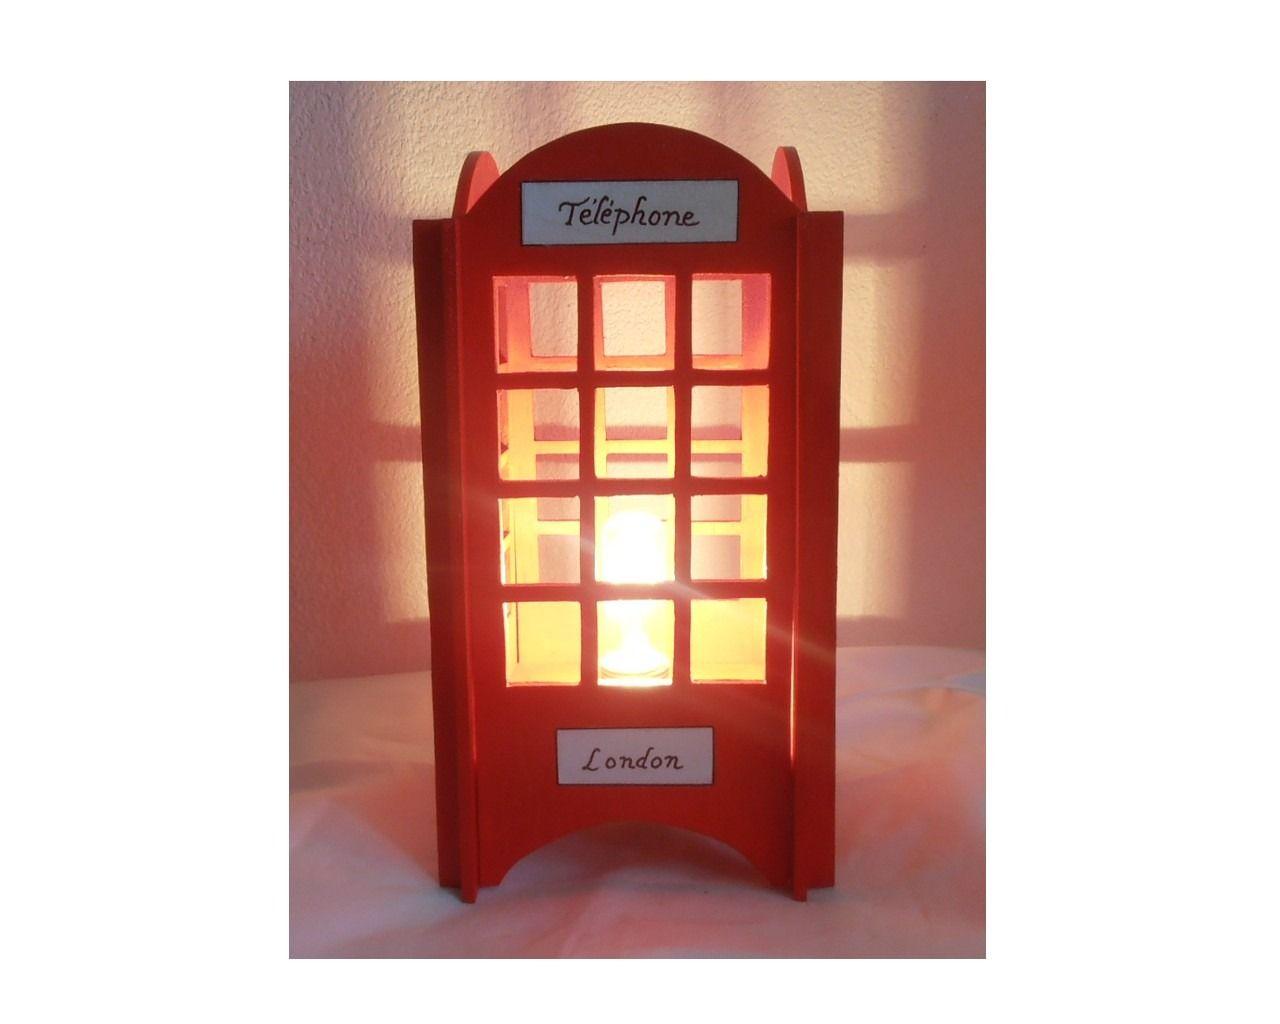 Par L Téléphonique De Cabine LondresLuminaires Chevet Lampe gmYby76vIf